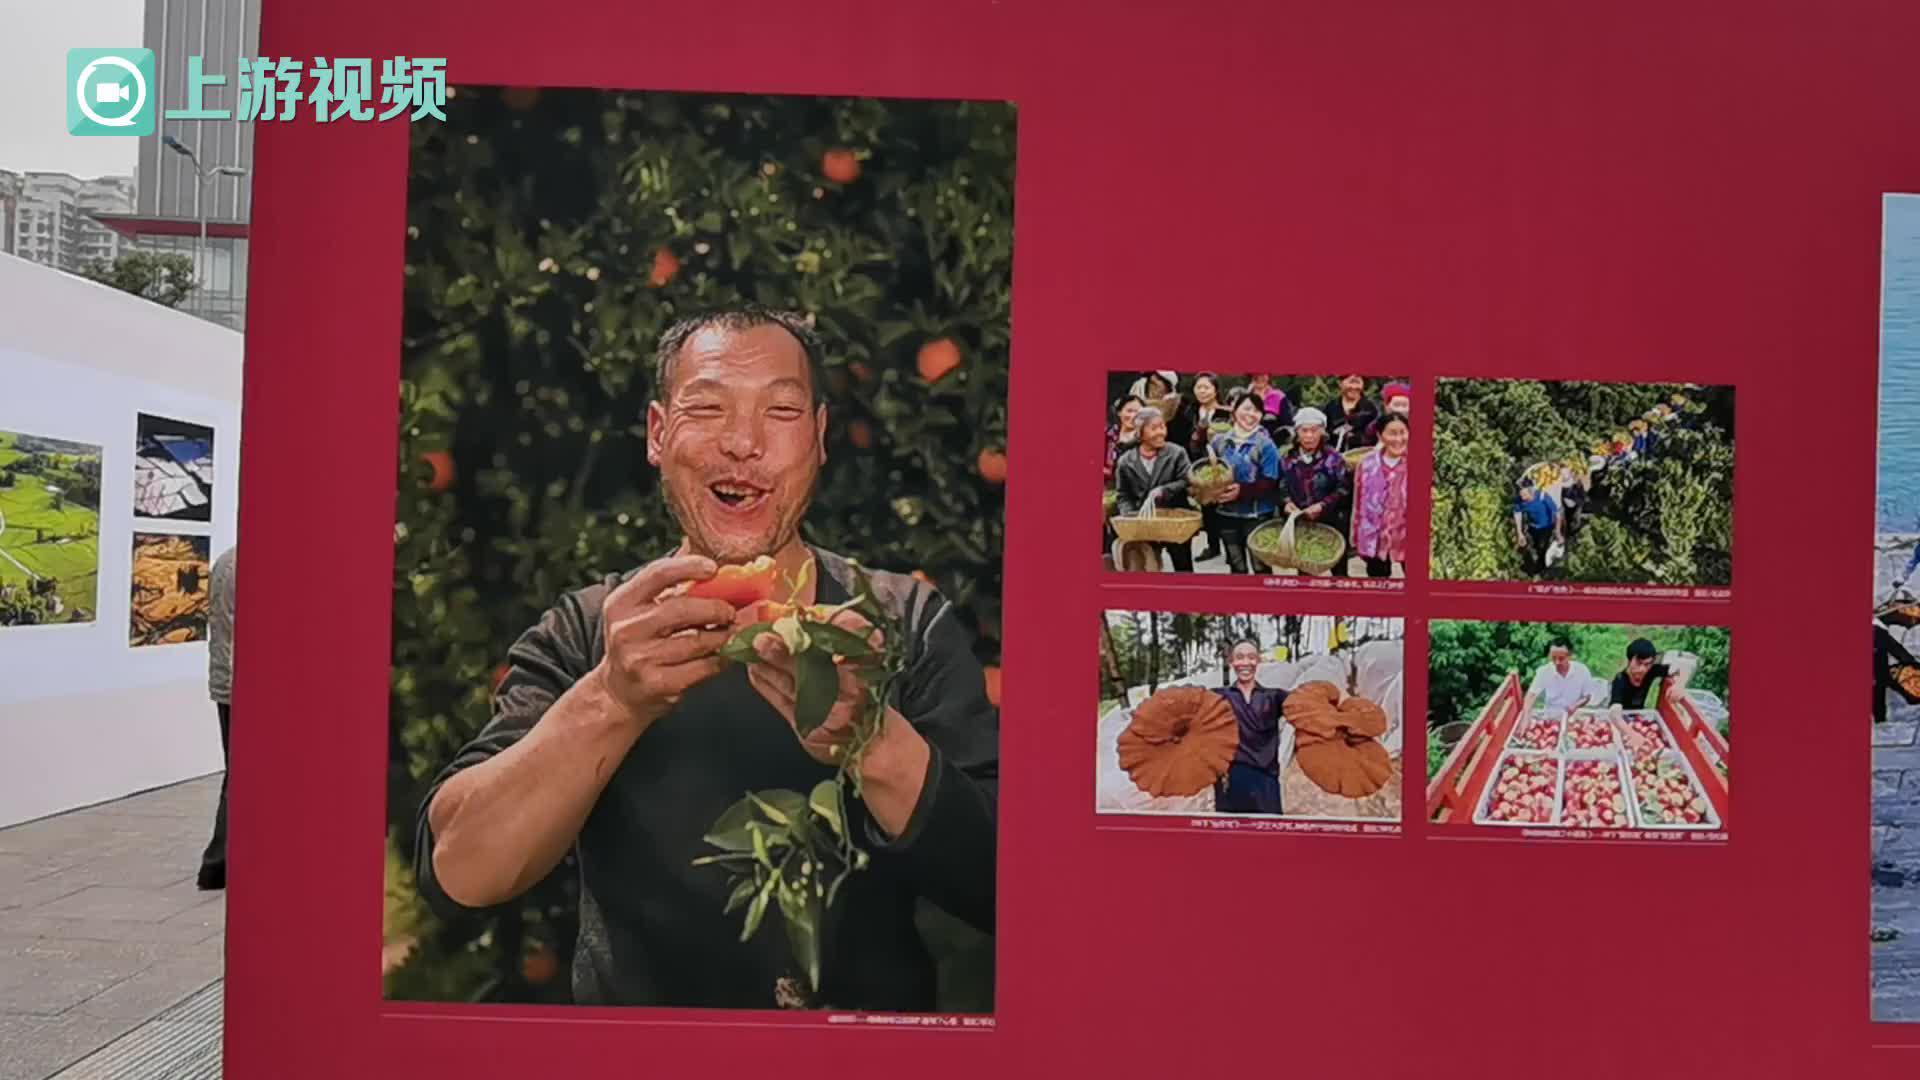 重庆市脱贫攻坚摄影展来了 百位摄影家深入一线拍摄珍贵照片